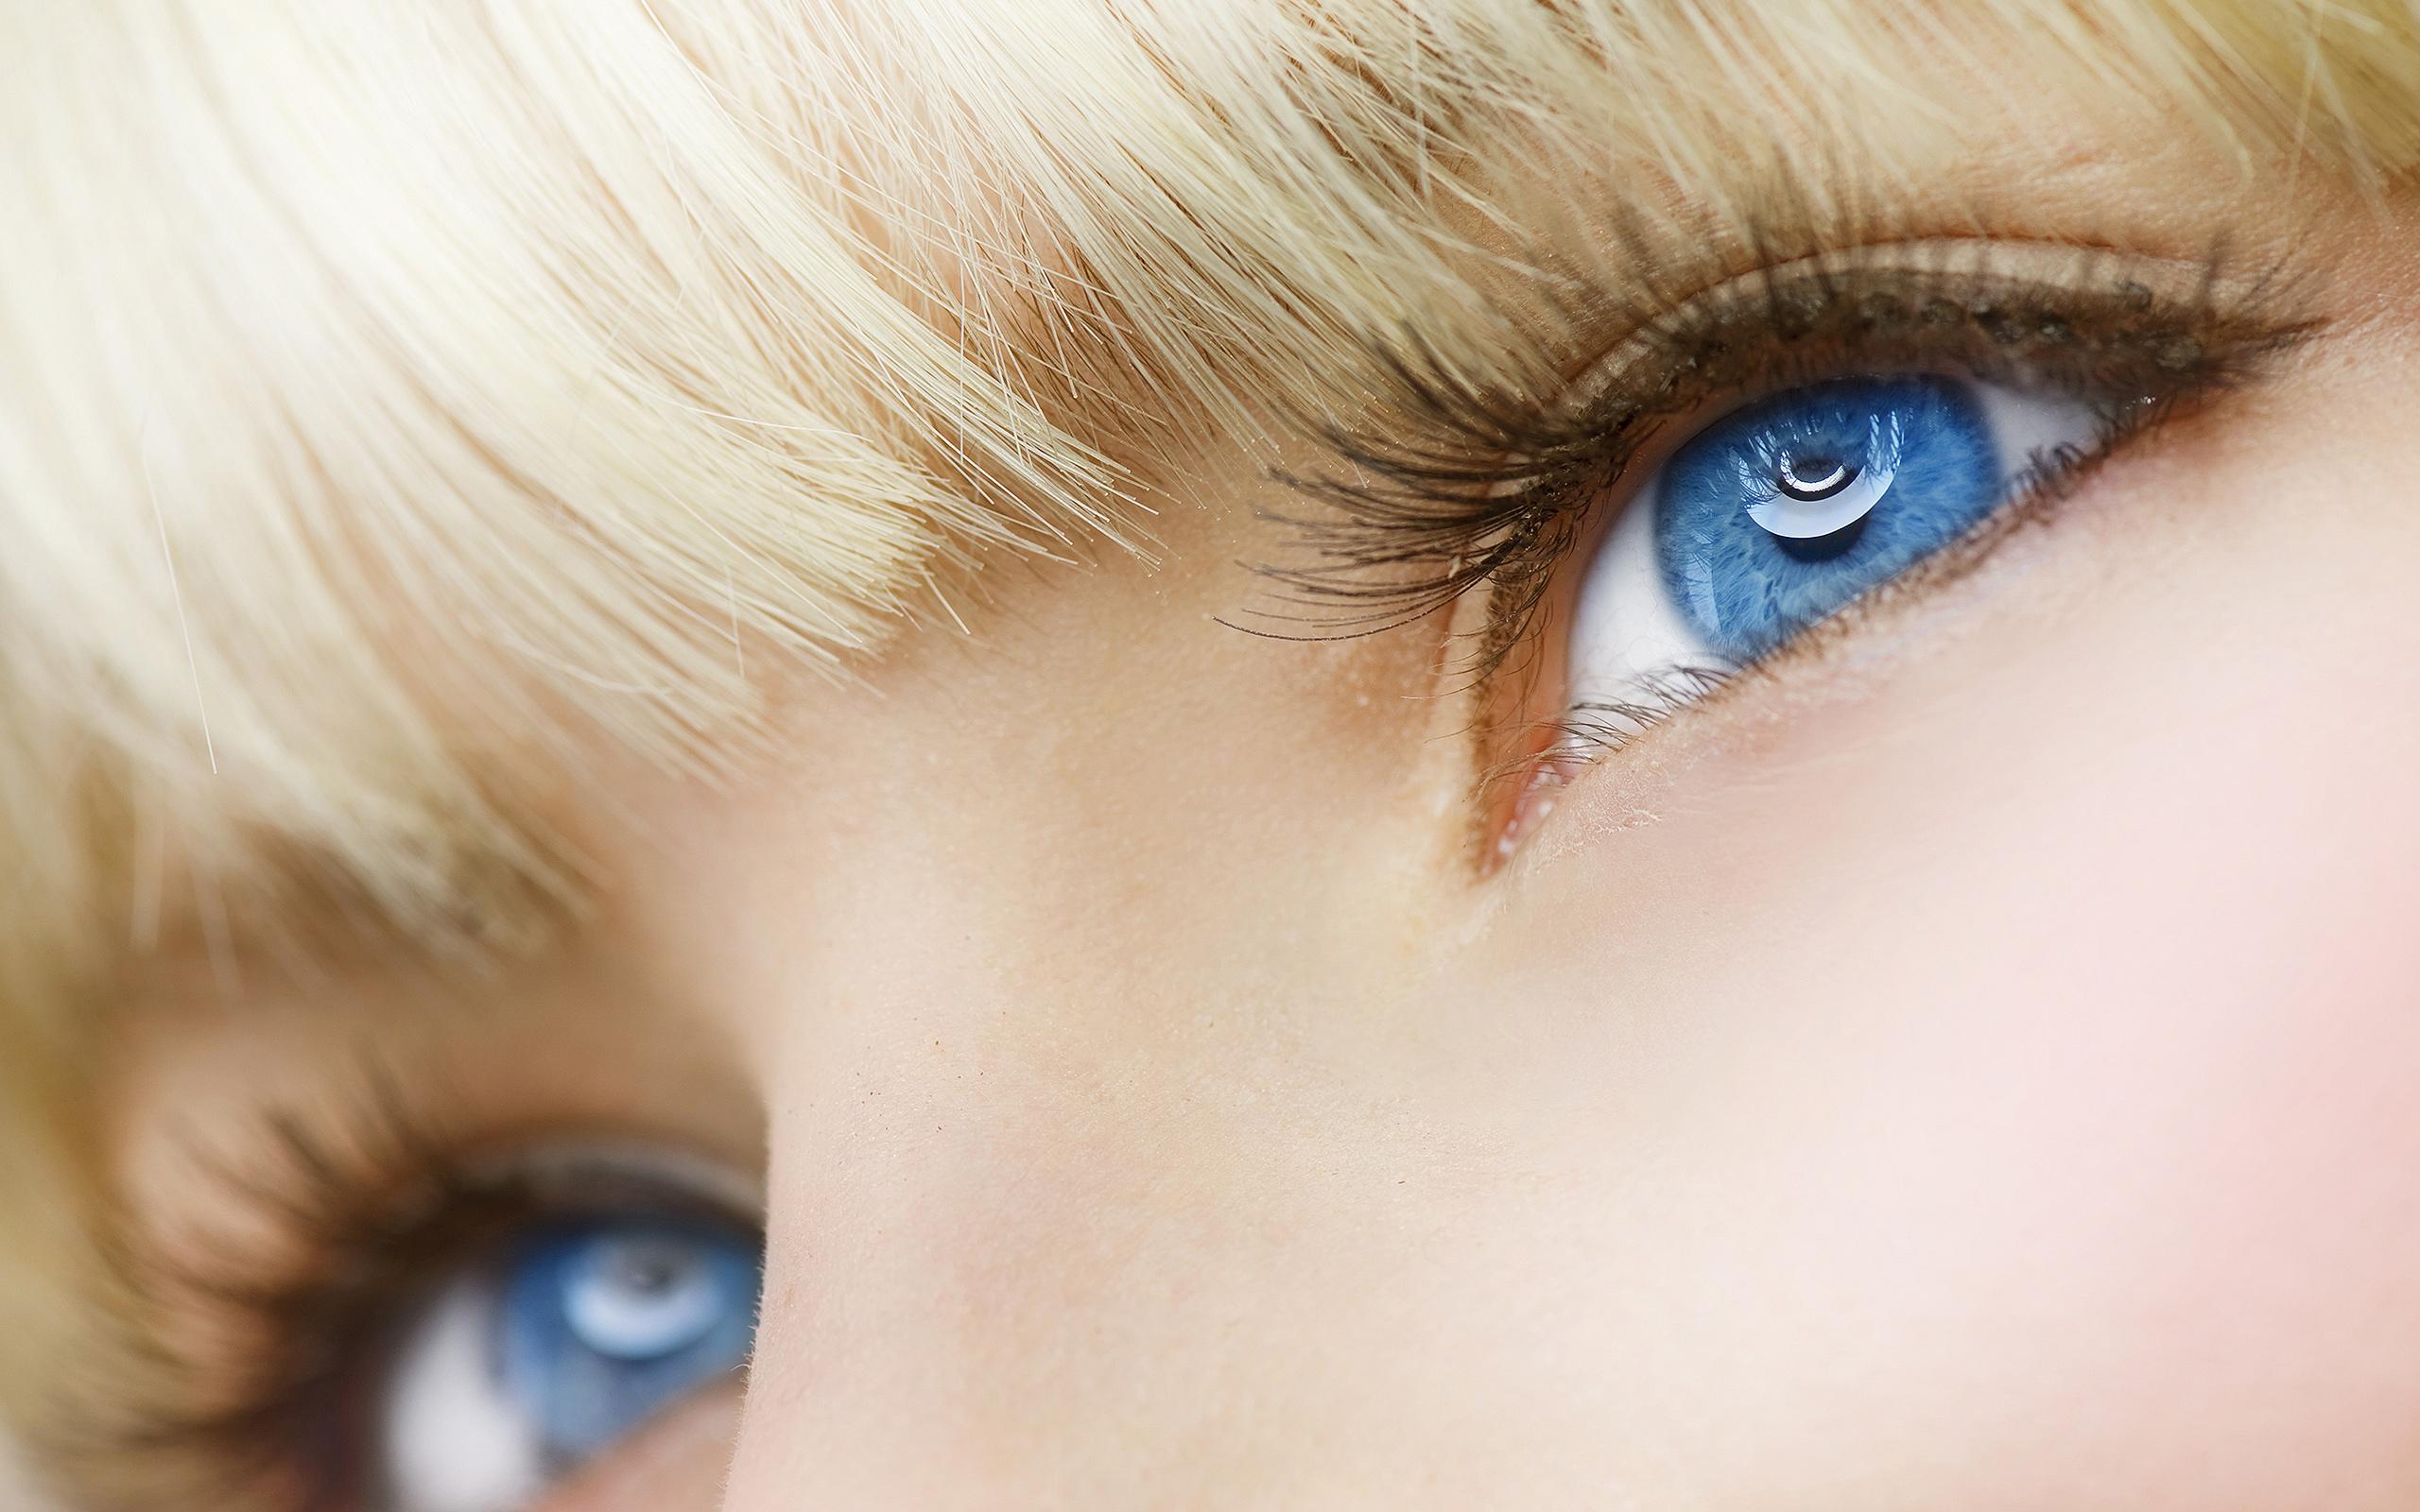 بالصور صور اجمل عيون بنات , اجمل عيون في الدنيا كله 11730 7